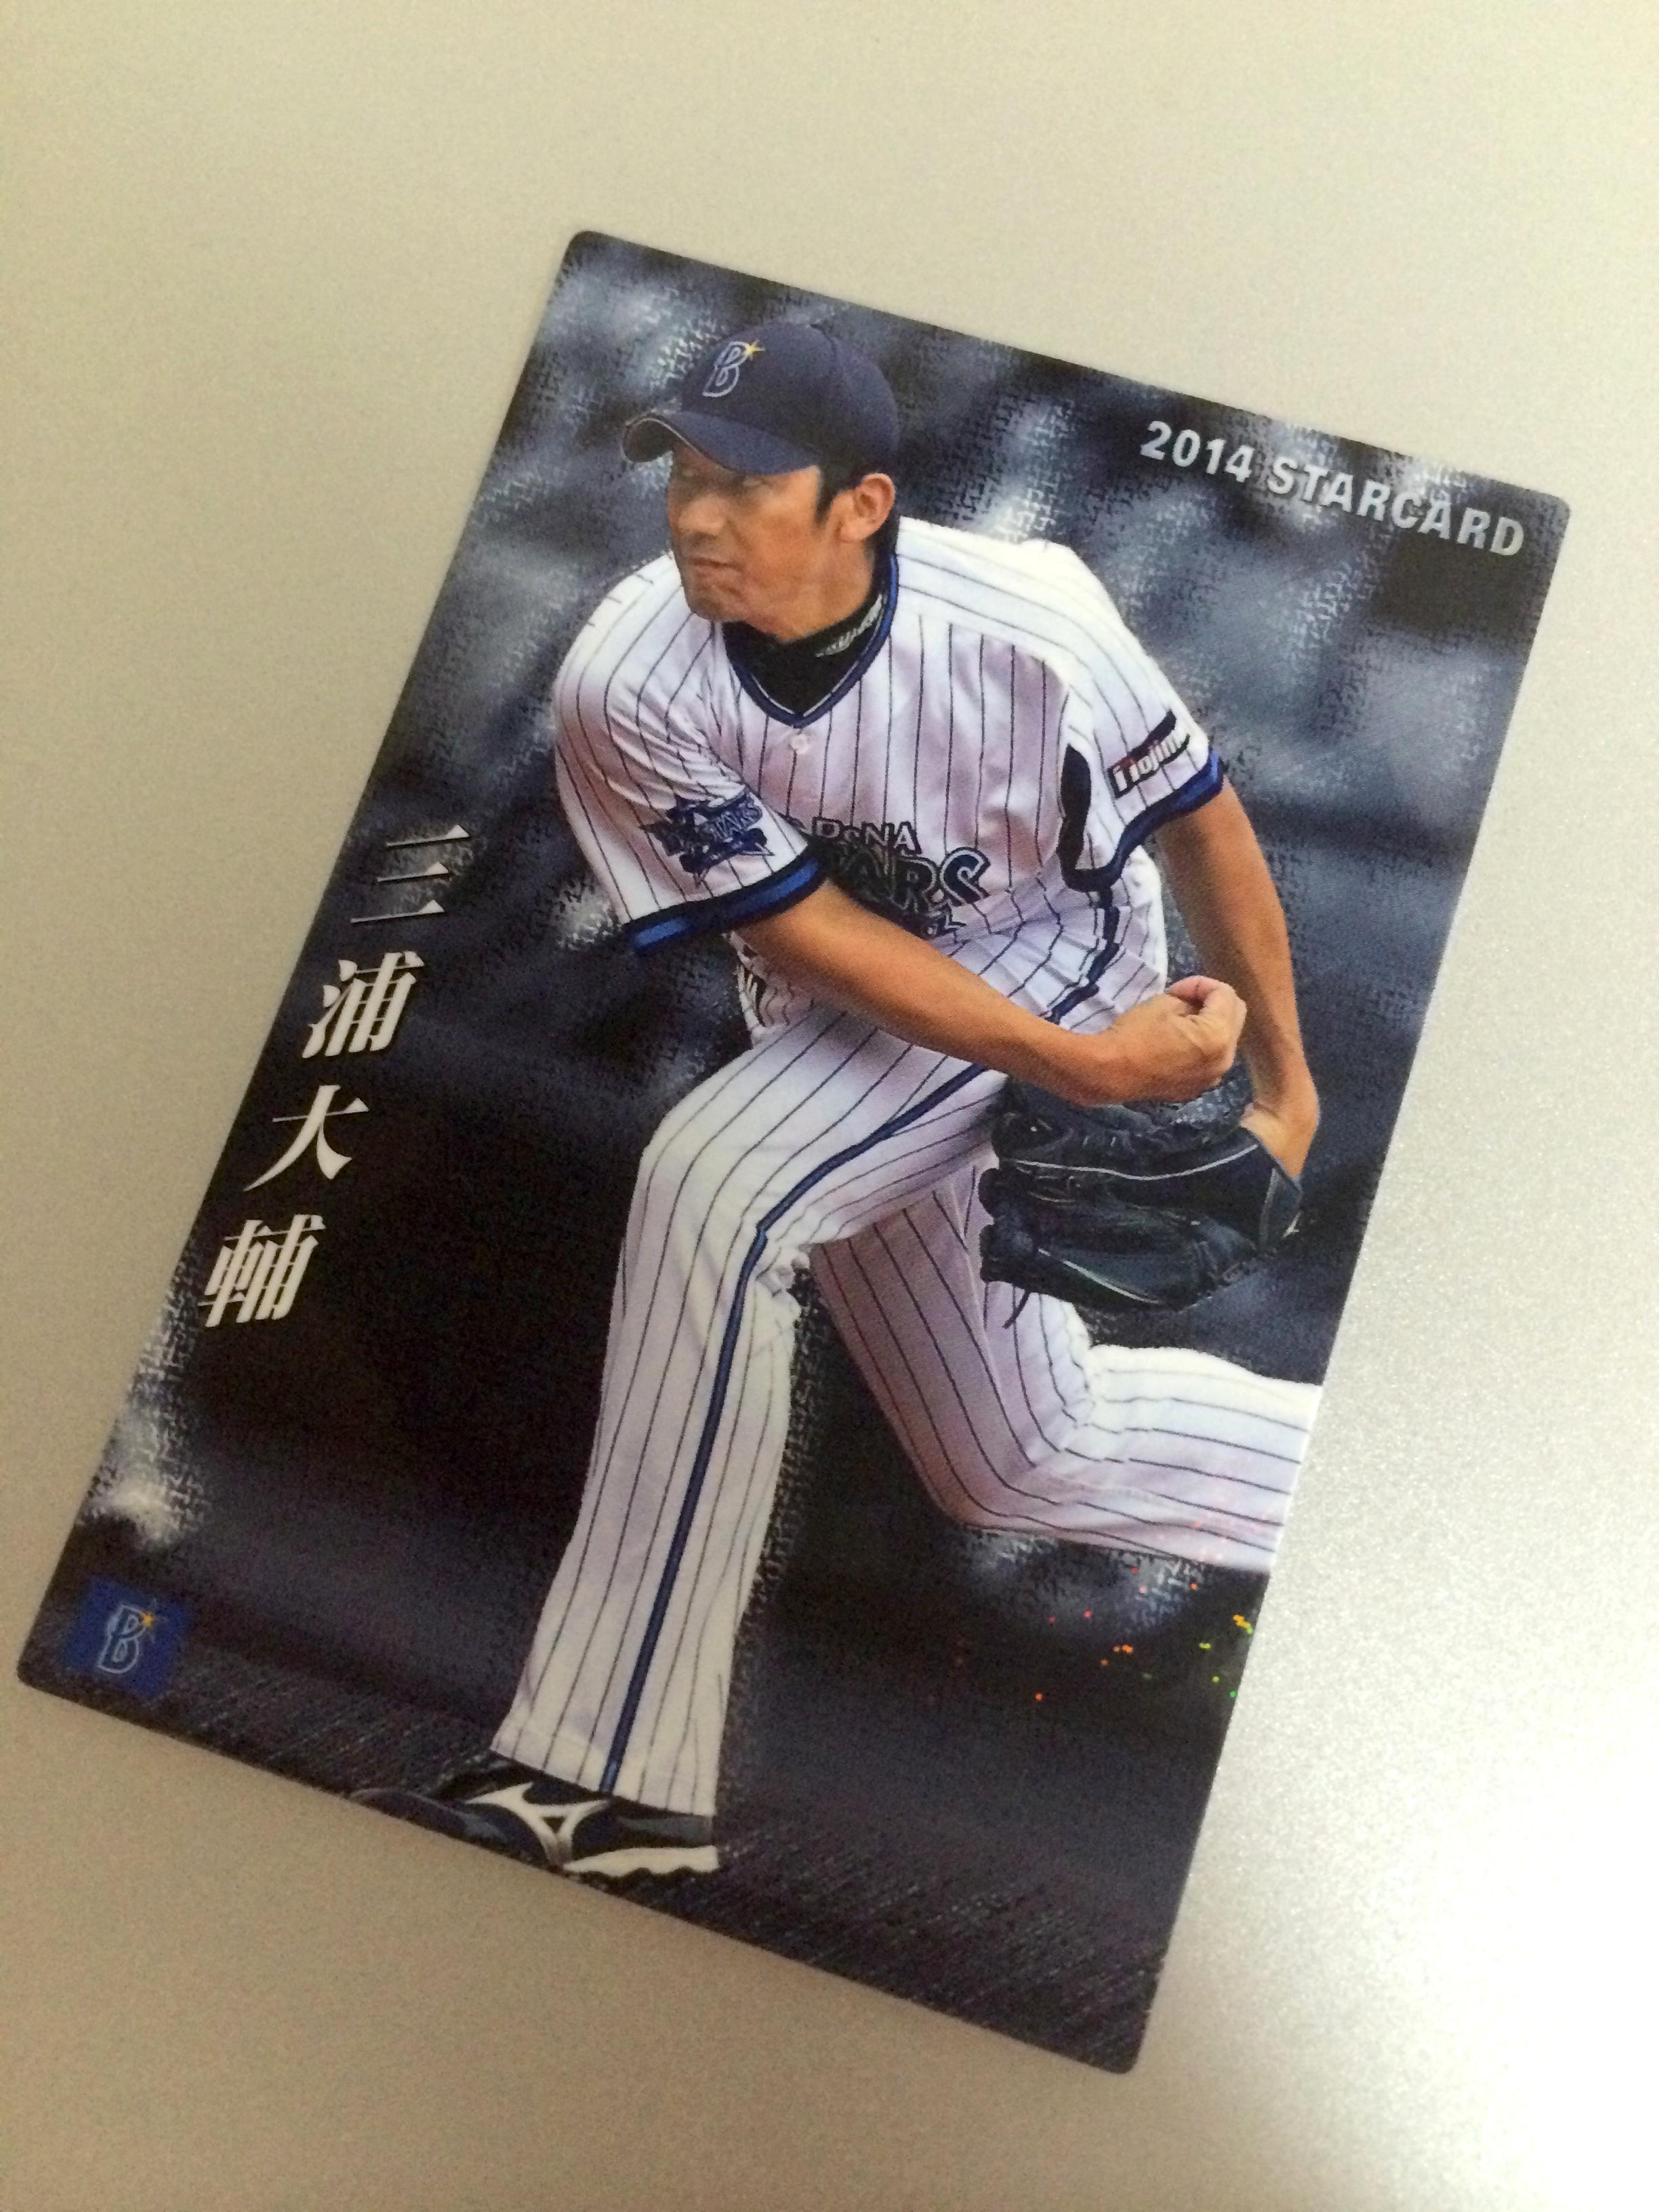 2014年カルビープロ野球チップス開封結果!三浦投手&斎藤投手